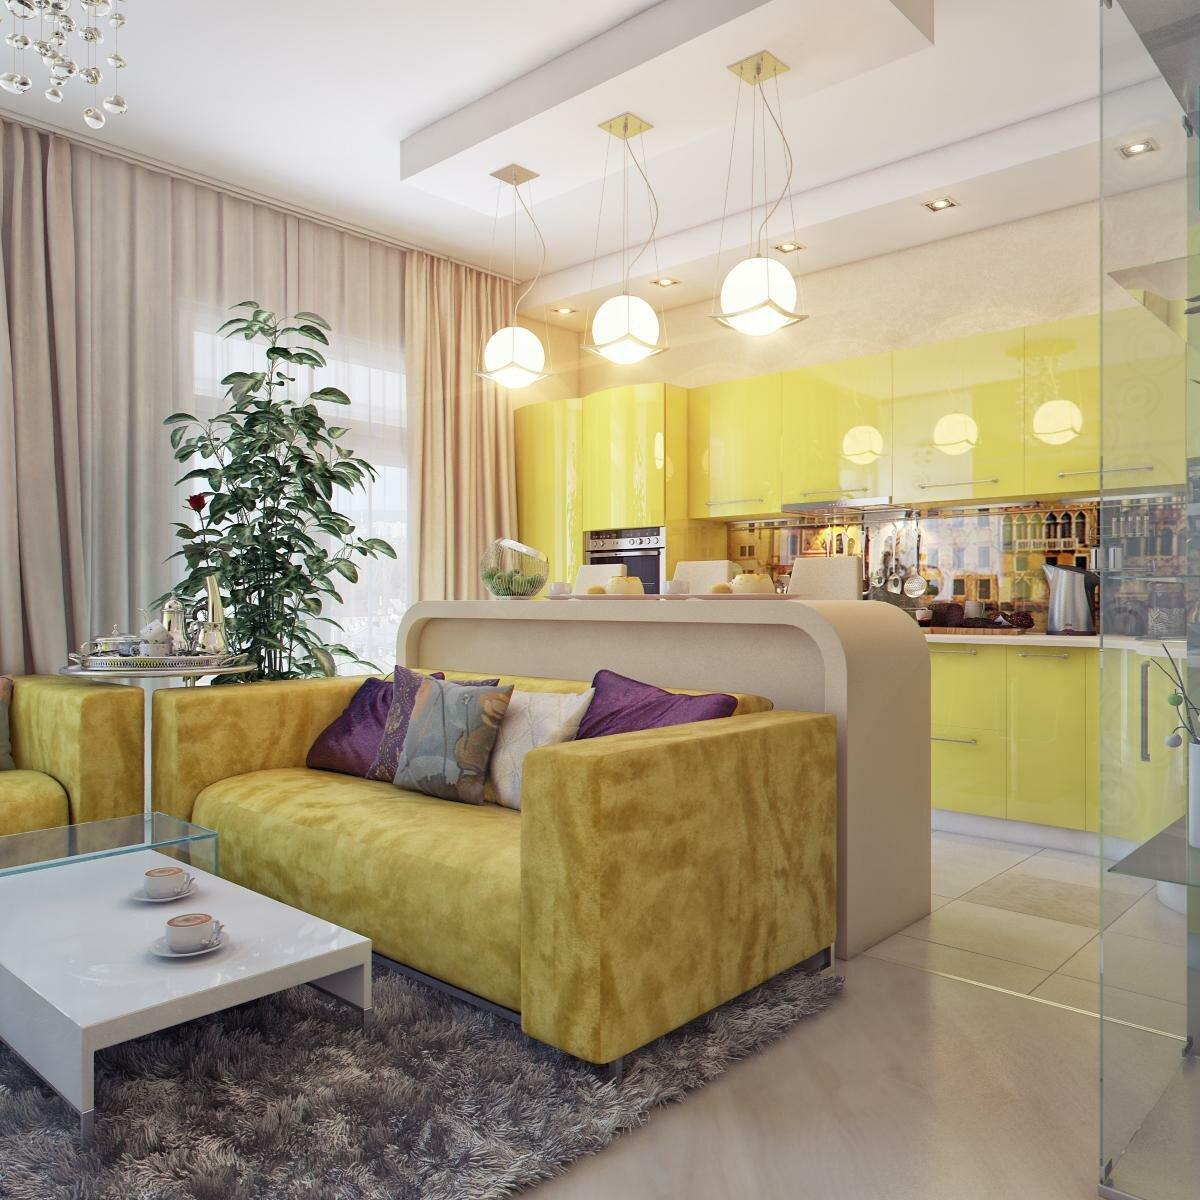 Кухня гостиная 20 квадратов в желтом цвете